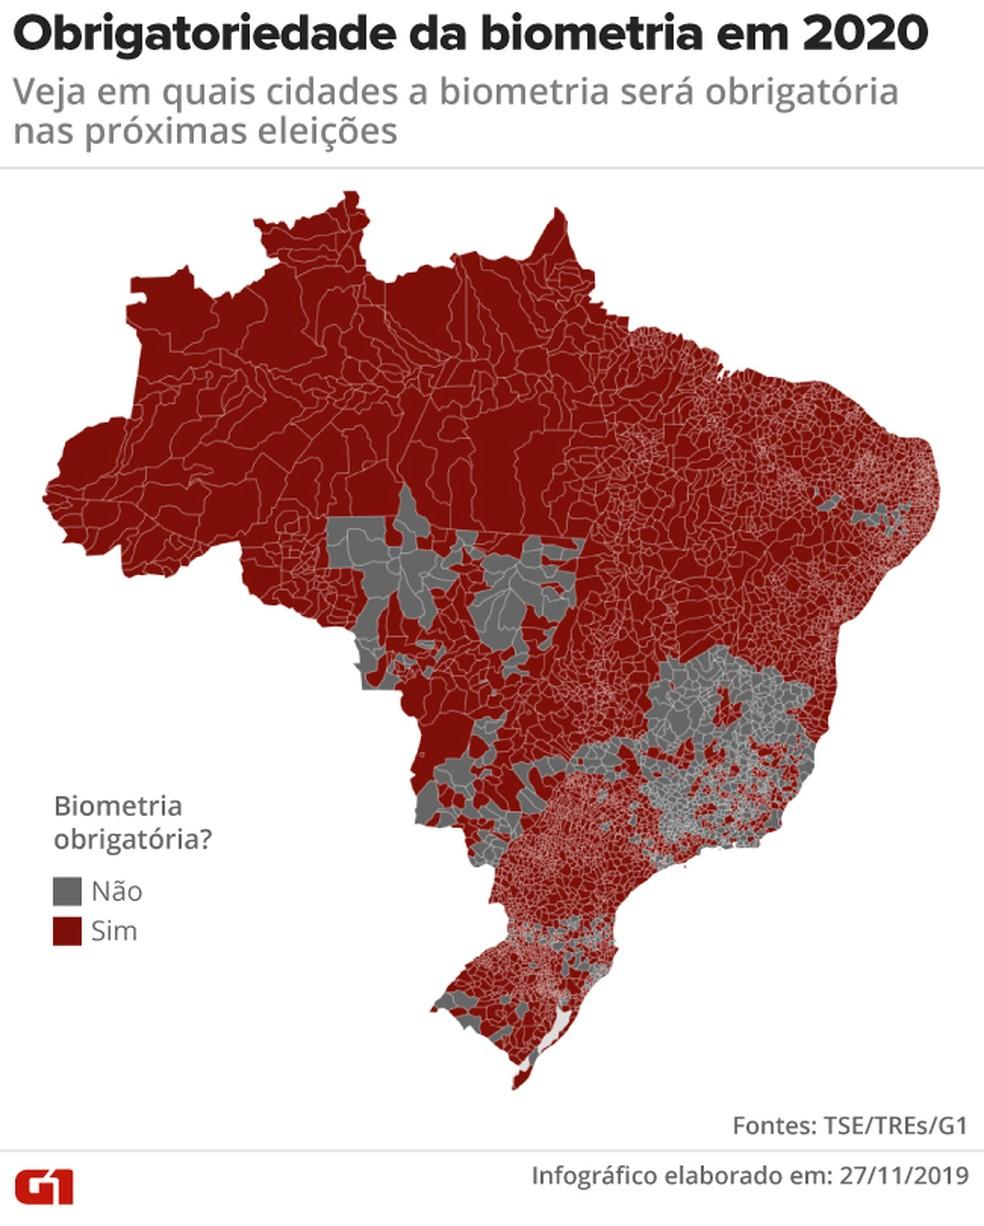 Obrigatoriedade da biometria em 2020: veja em quais cidades a biometria será obrigatória nas próximas eleições — Foto: Rodrigo Cunha e Gabriela Caesar / G1